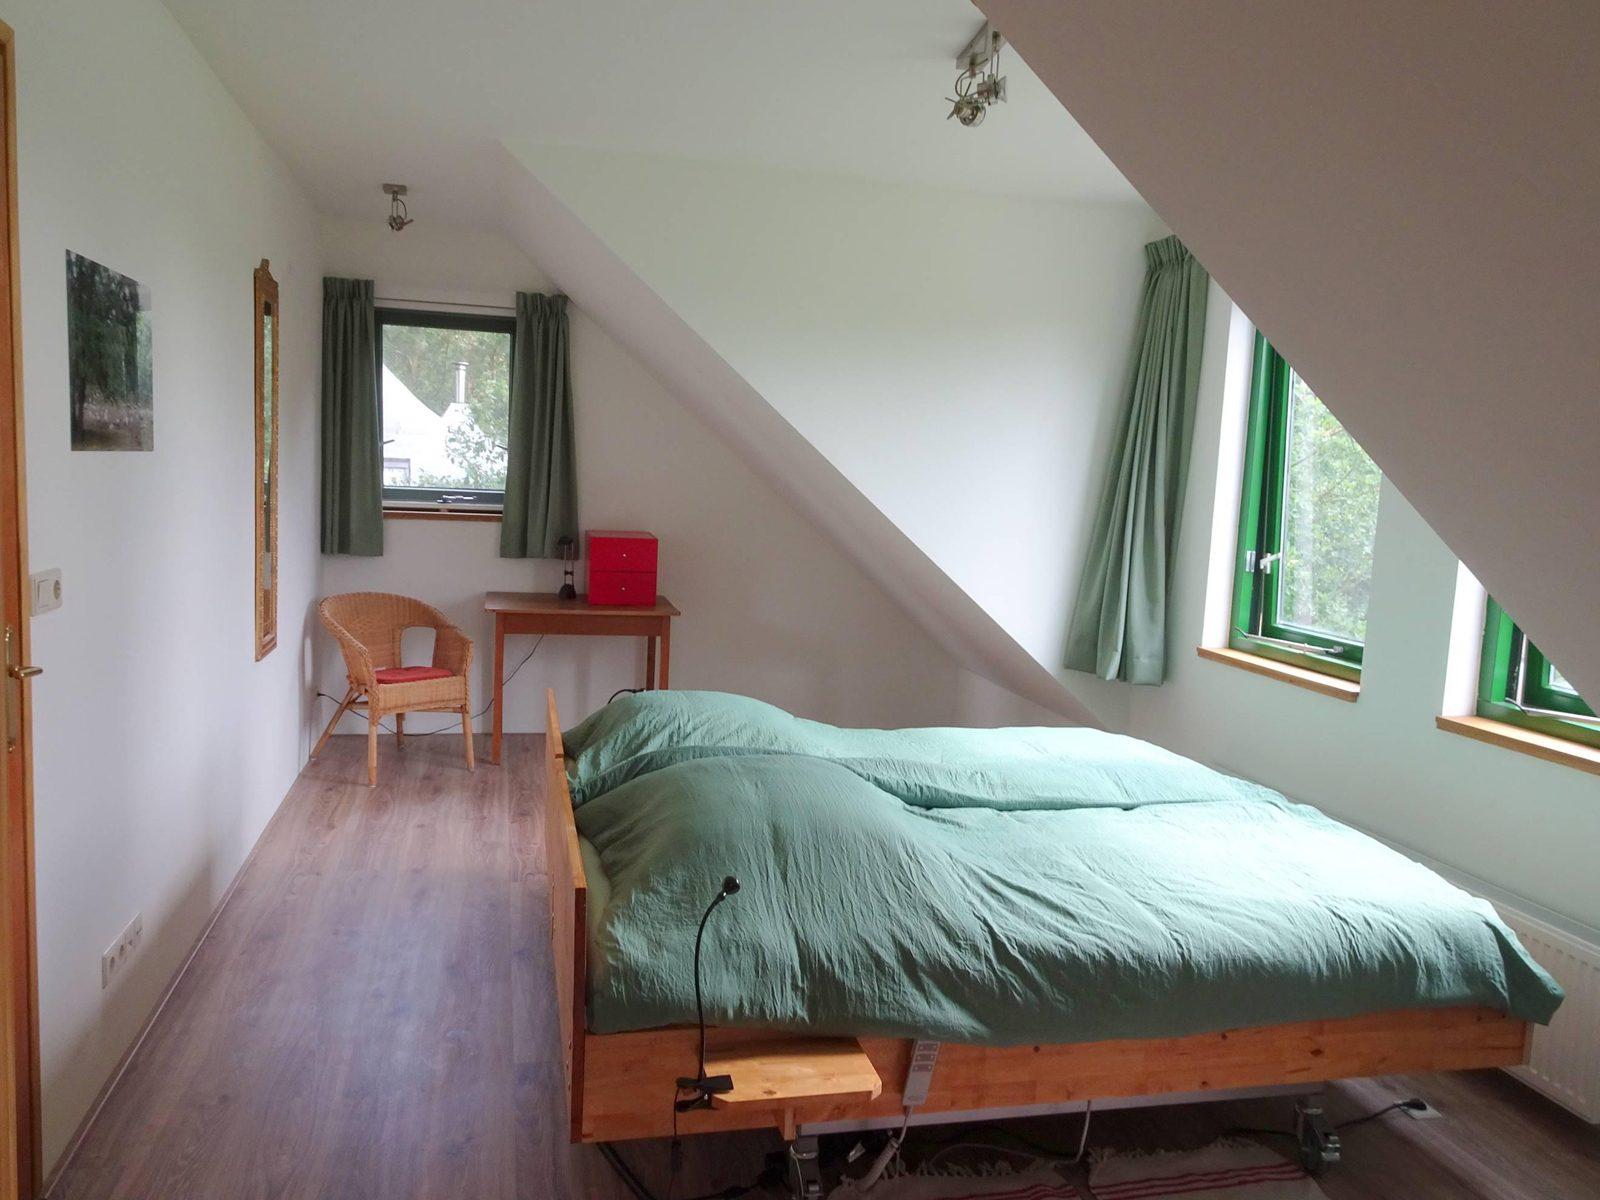 Grote slaapkamer boven Badzicht Schipborg Músarrindill 3